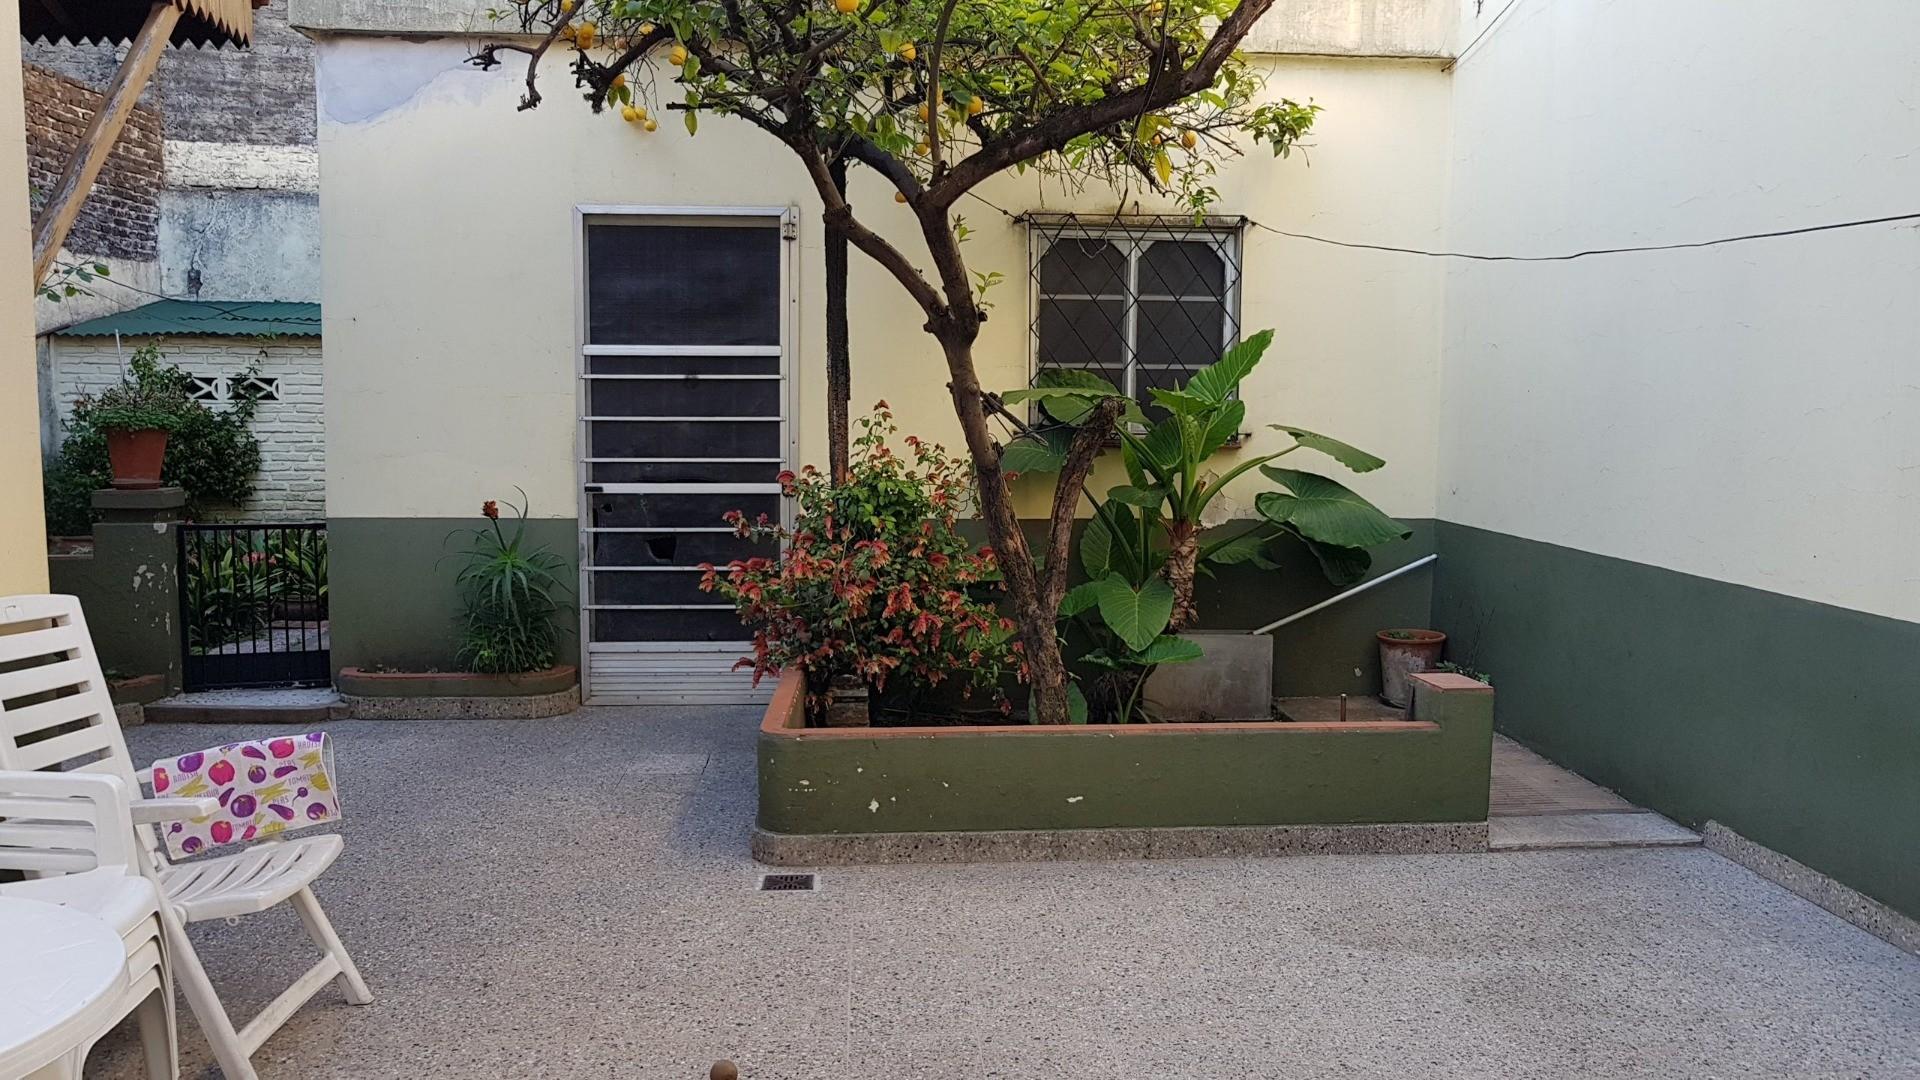 CASA 5 AMBIENTES EN 2 PLANTAS CON JARDÍN, COCHERA, FONDO LIBRE, SOBRE AVENIDA MITRE Y GRAN VIDRIERA  - Foto 22